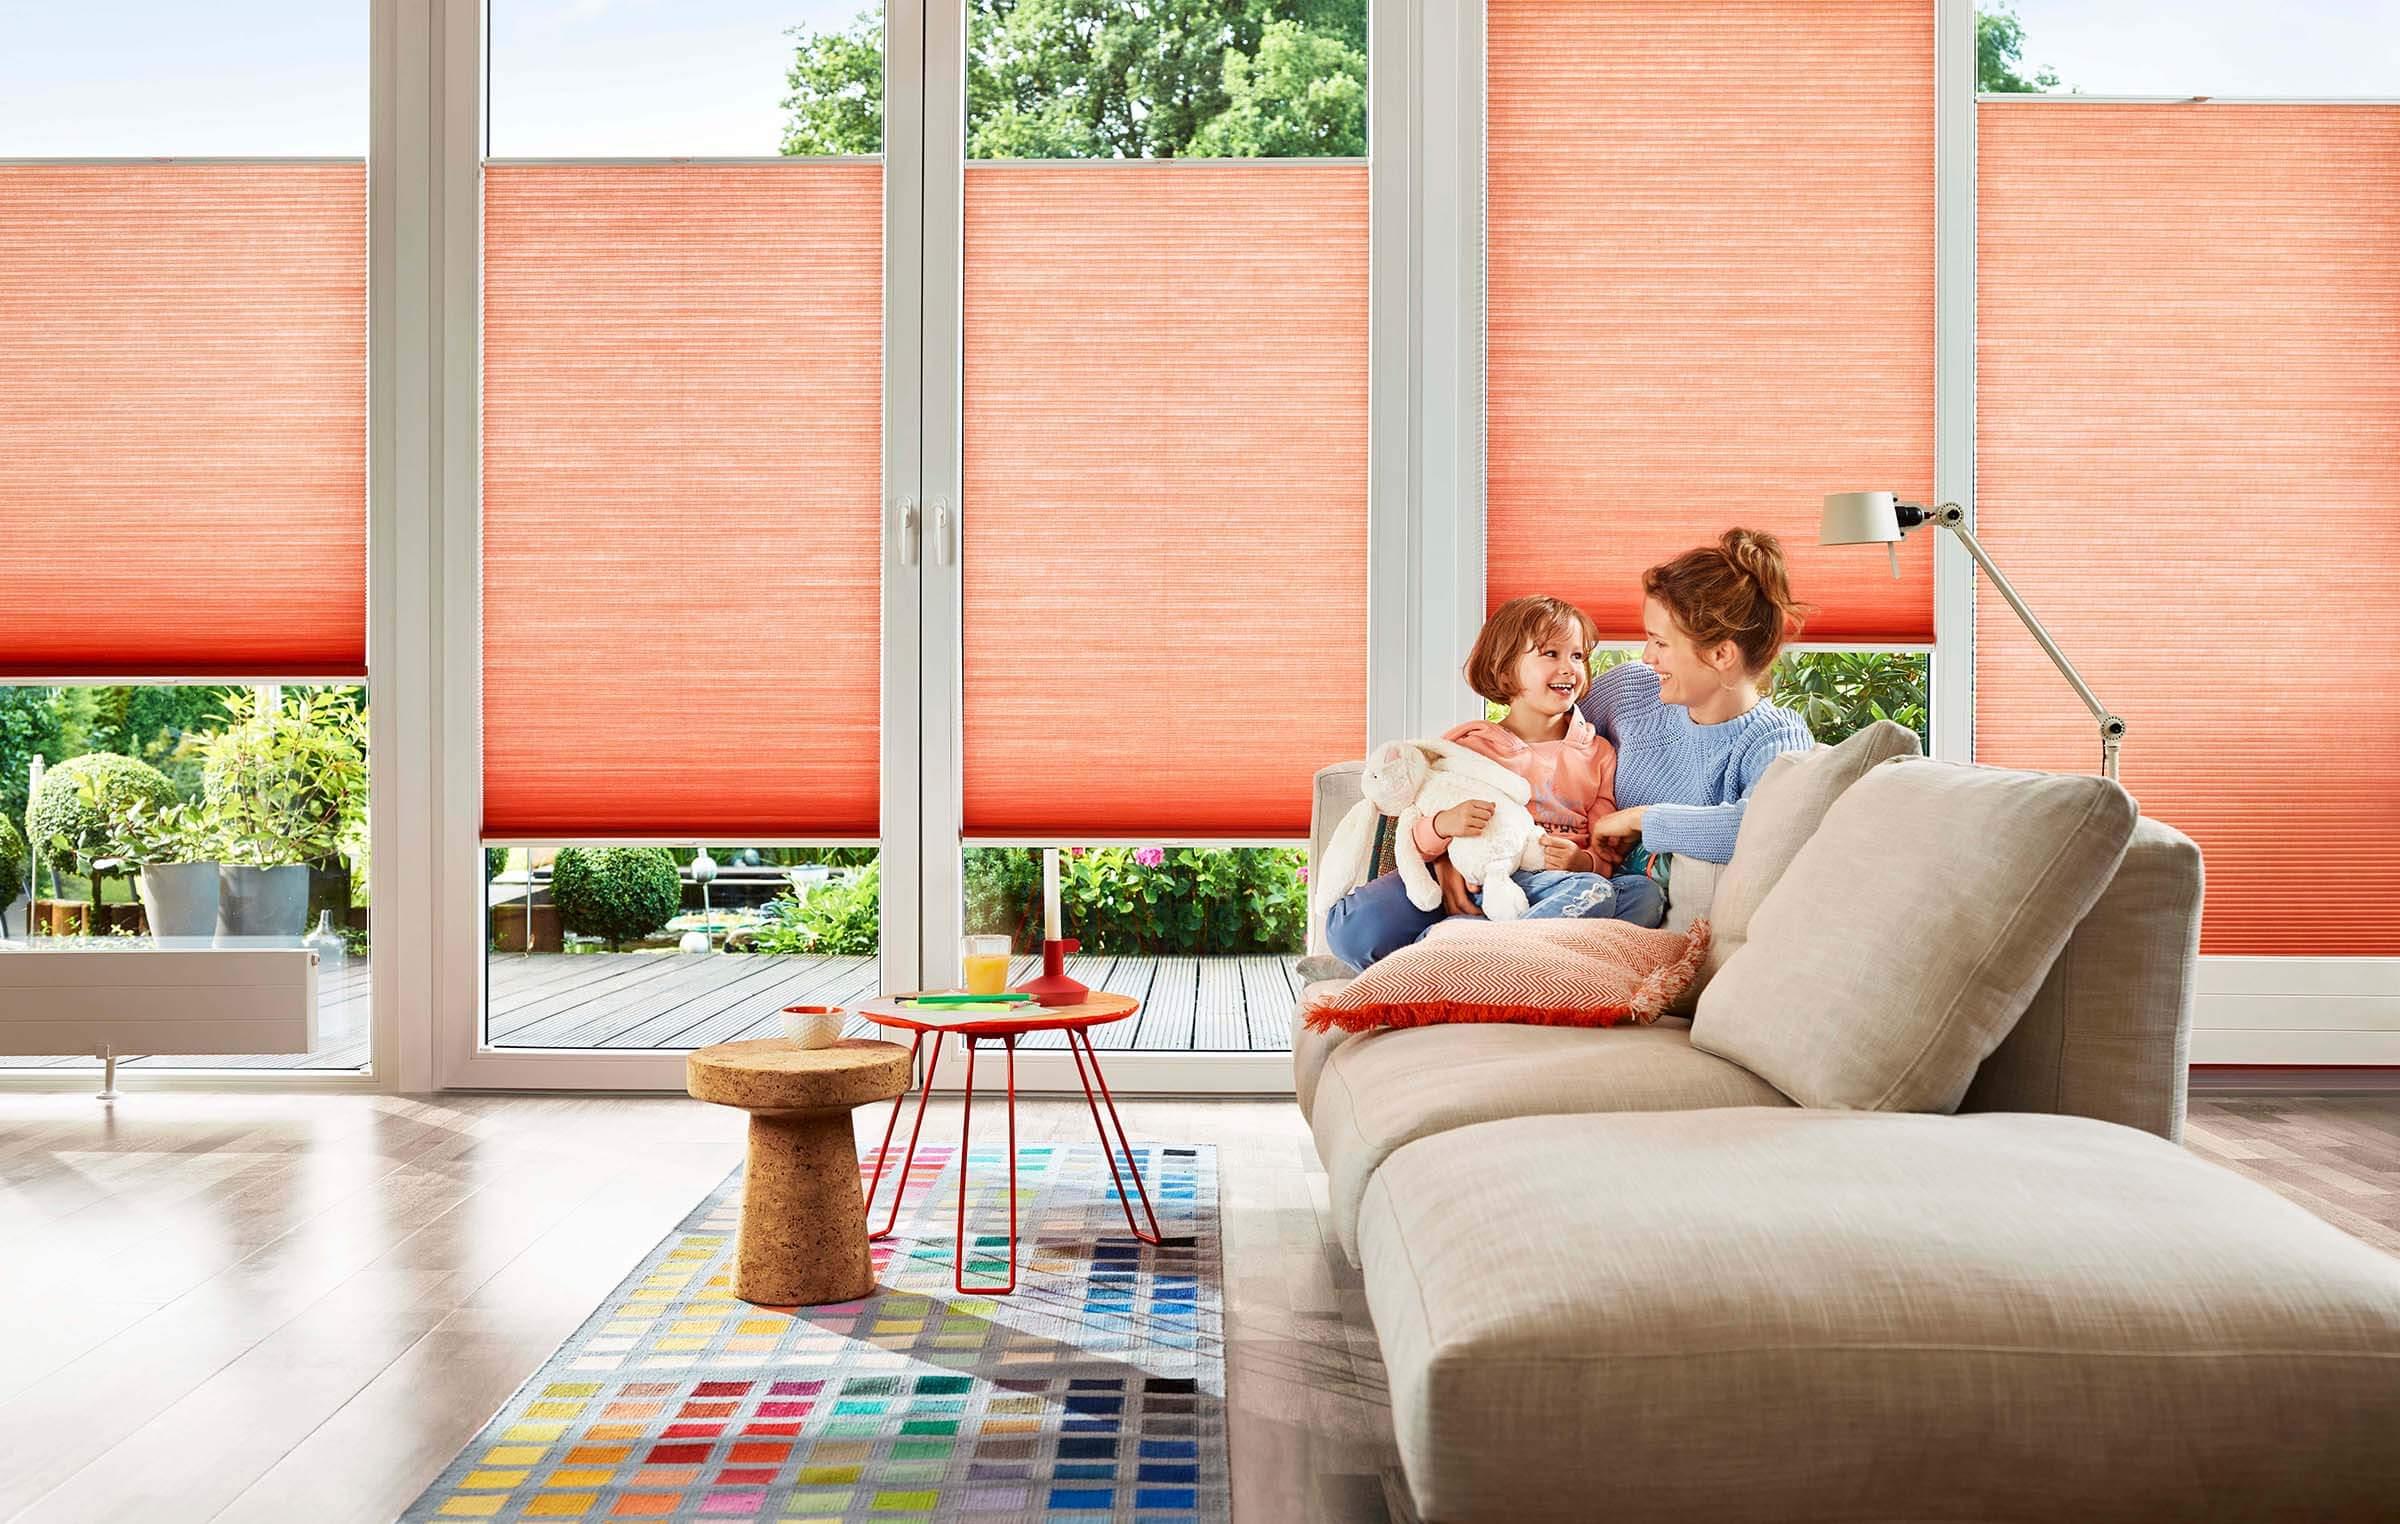 DUETTE Wabenplissees Farbe Orange Im Wohnzimmer